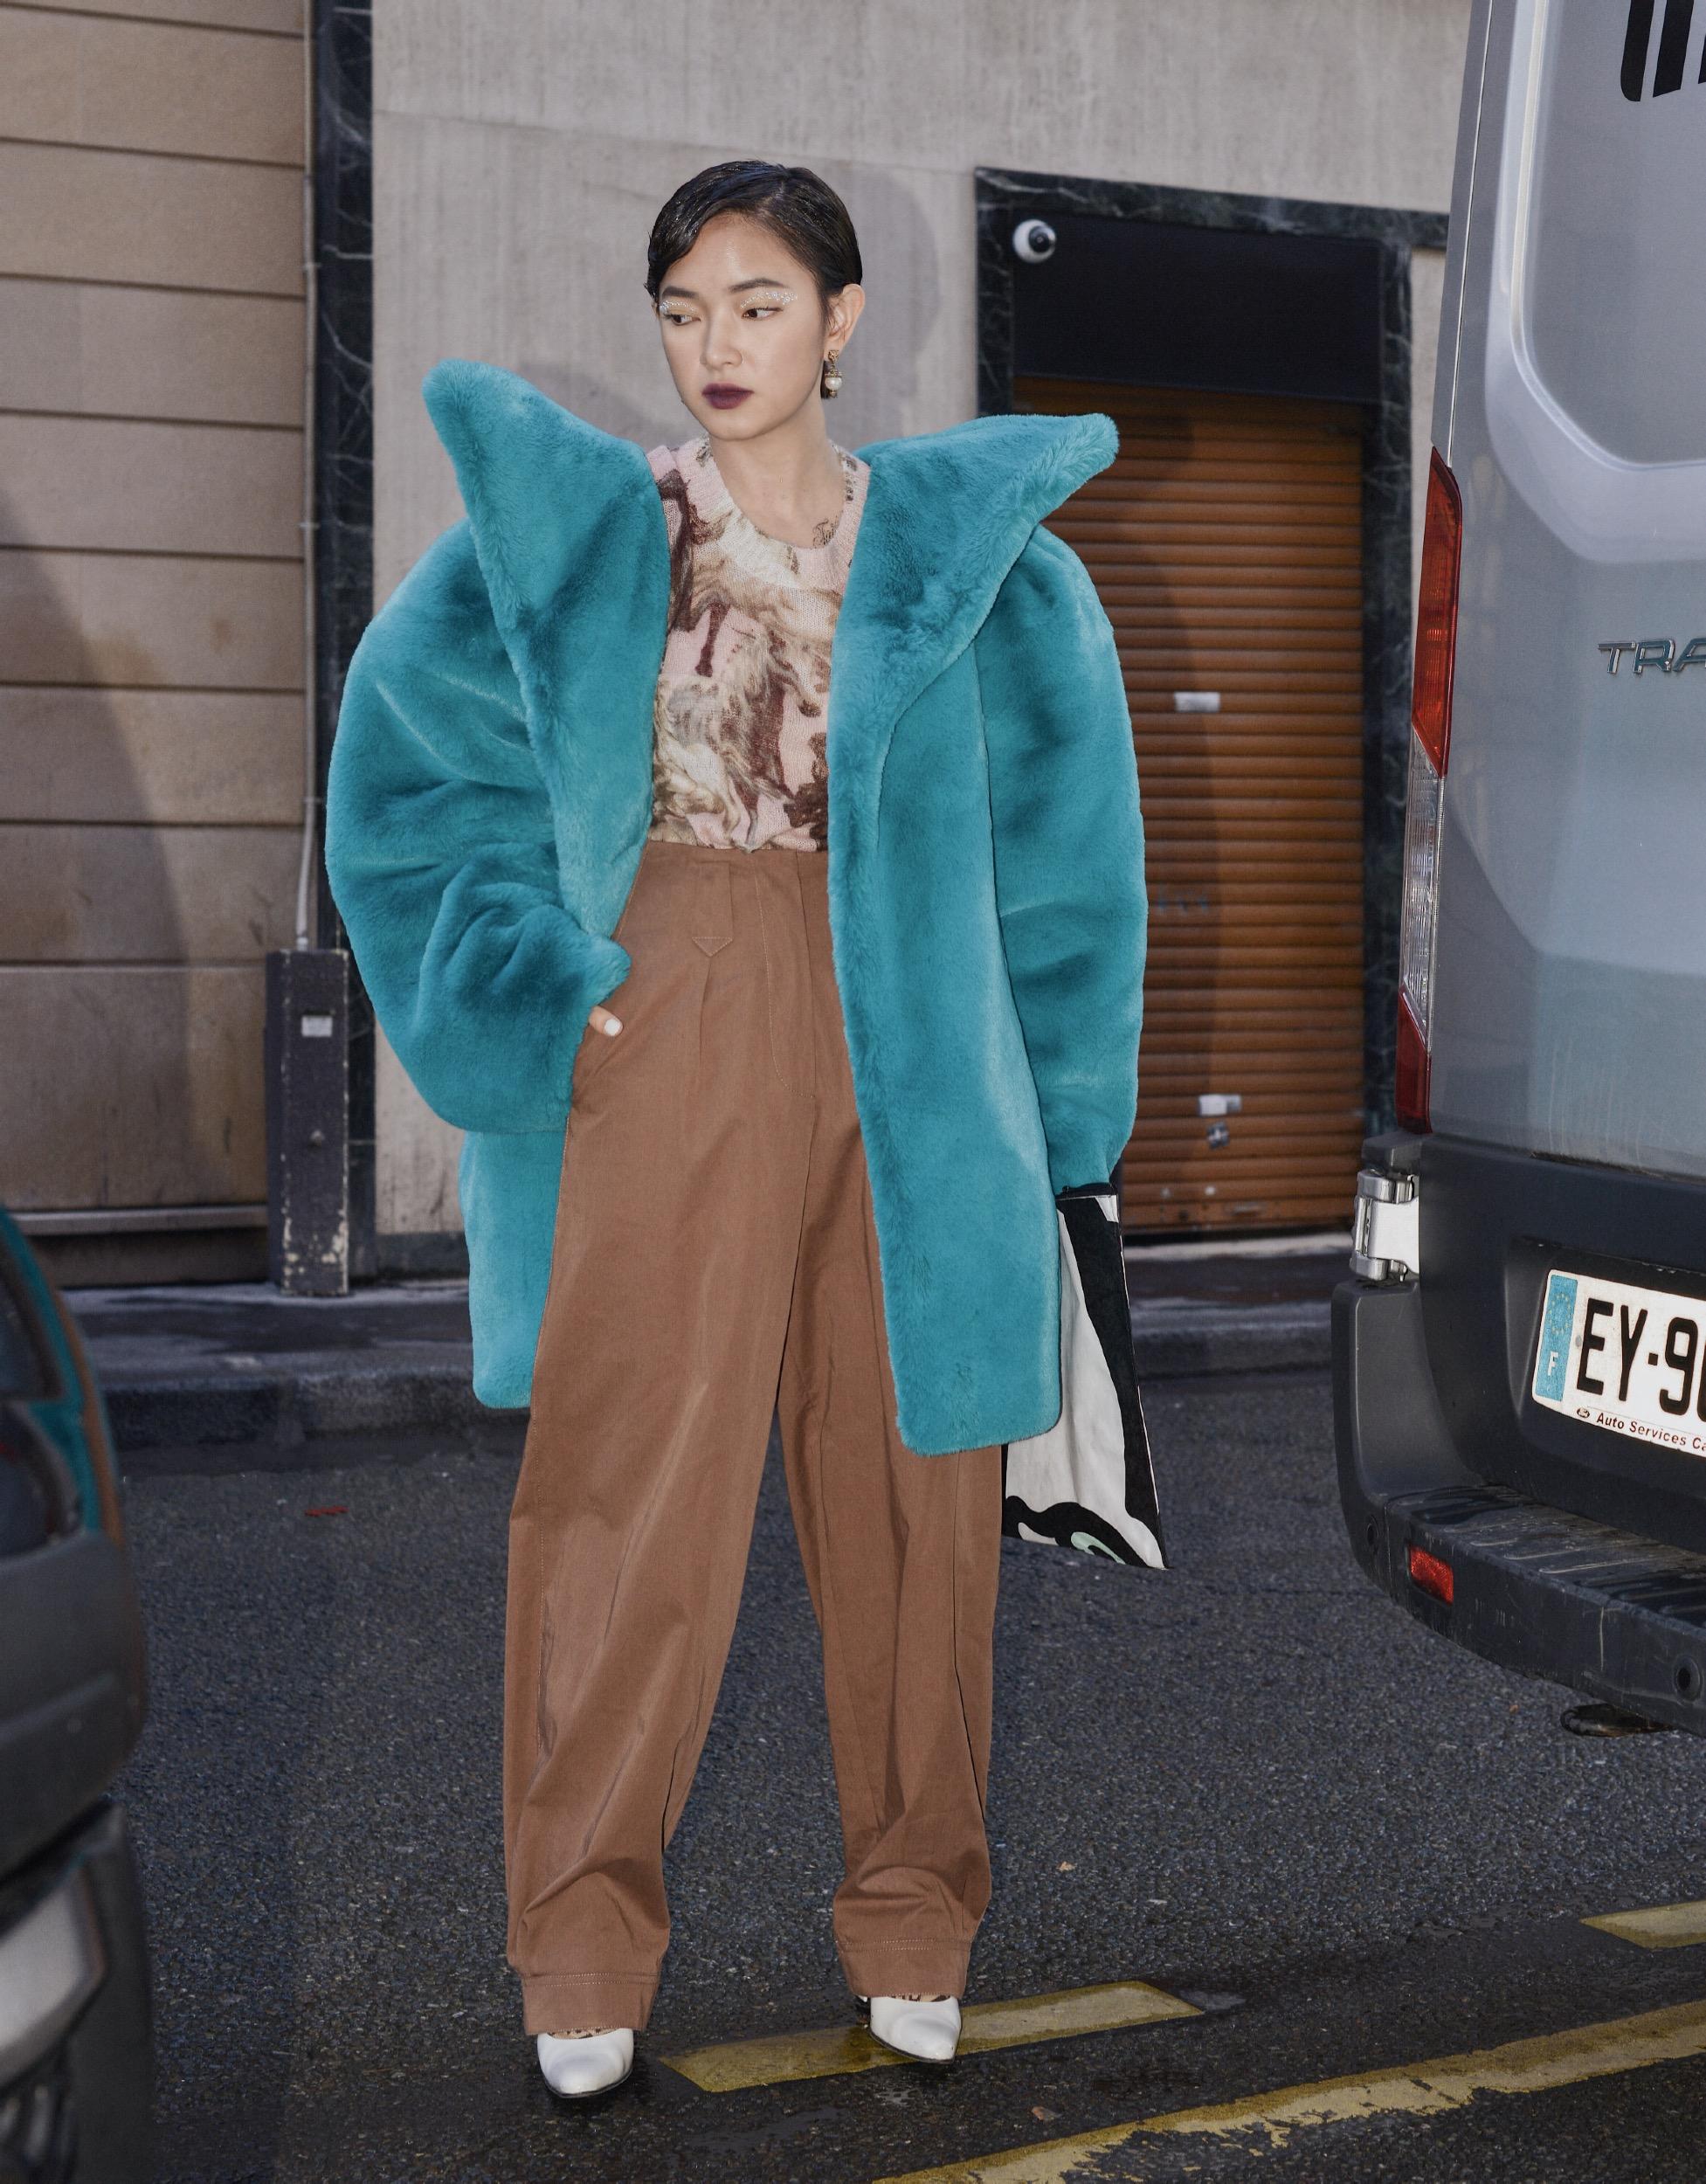 Châu Bùi tham dự show diễn Kenzo với thời trang ấn tượng